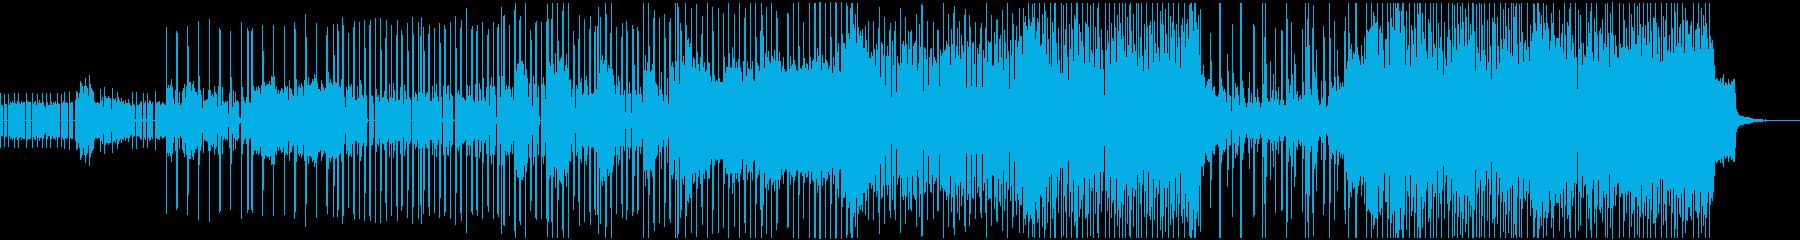 サンプリングされたボーカルサウンド...の再生済みの波形